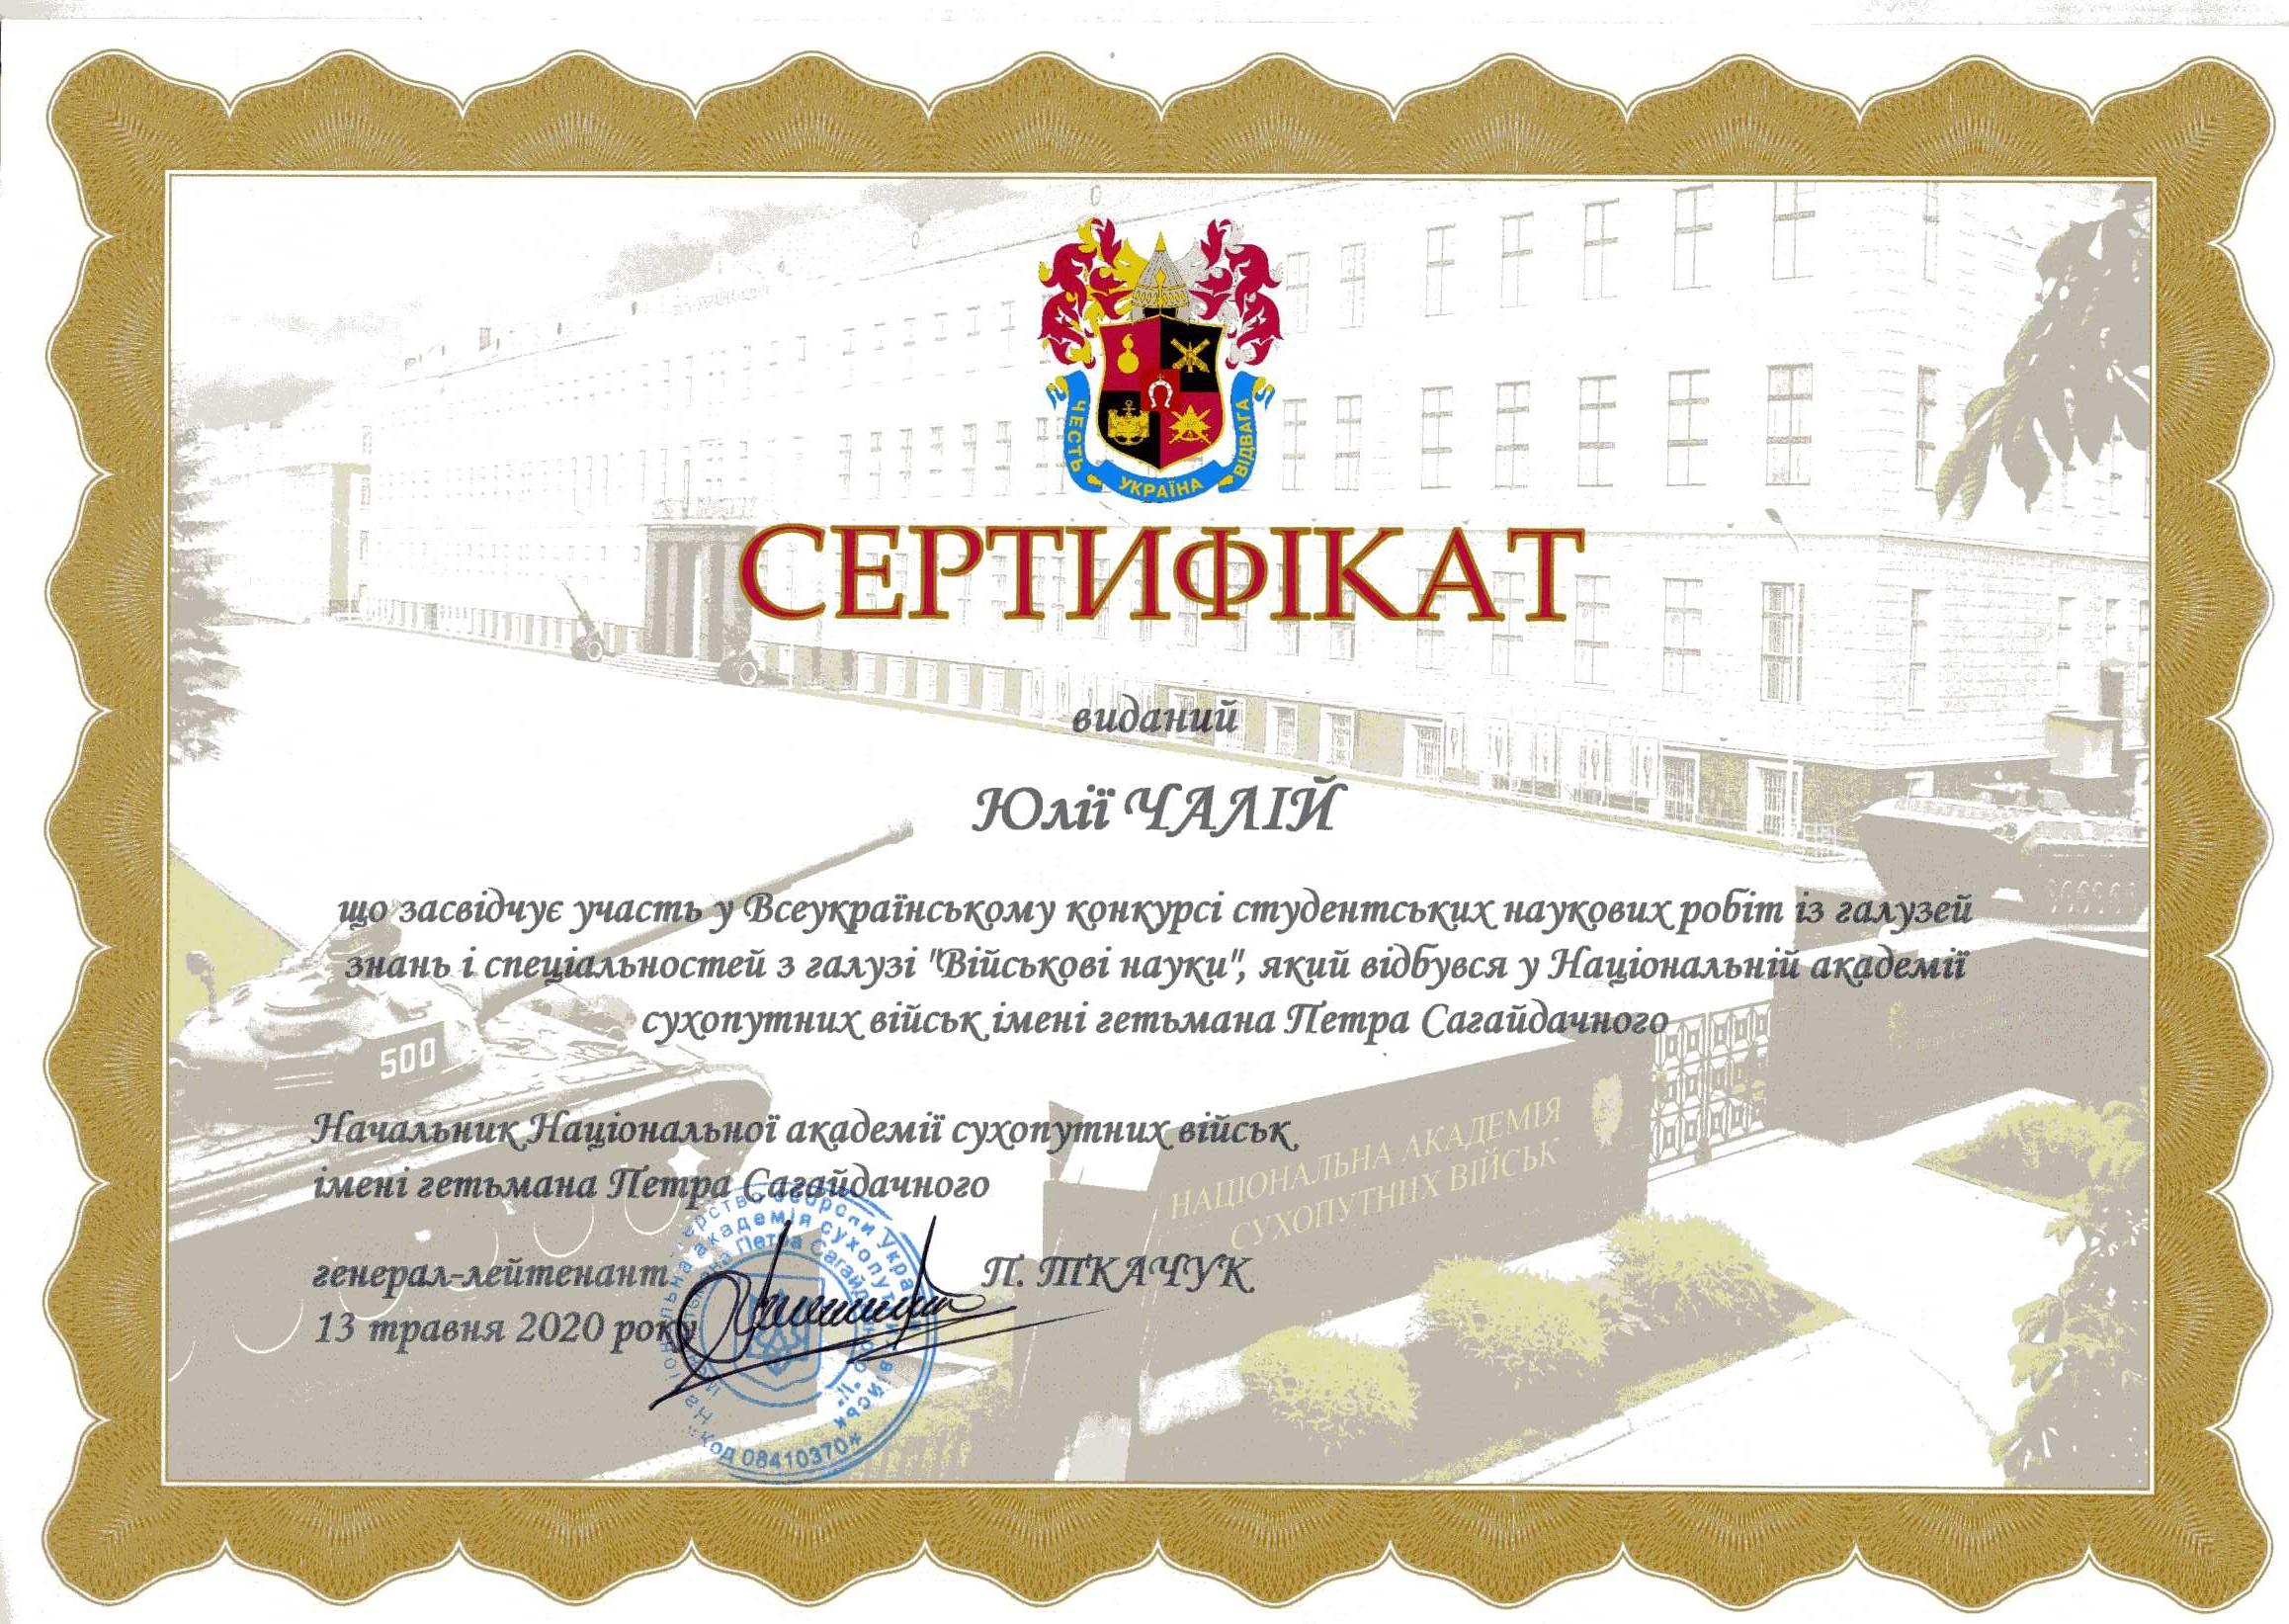 Сертифікат Чала участь Львів 2020